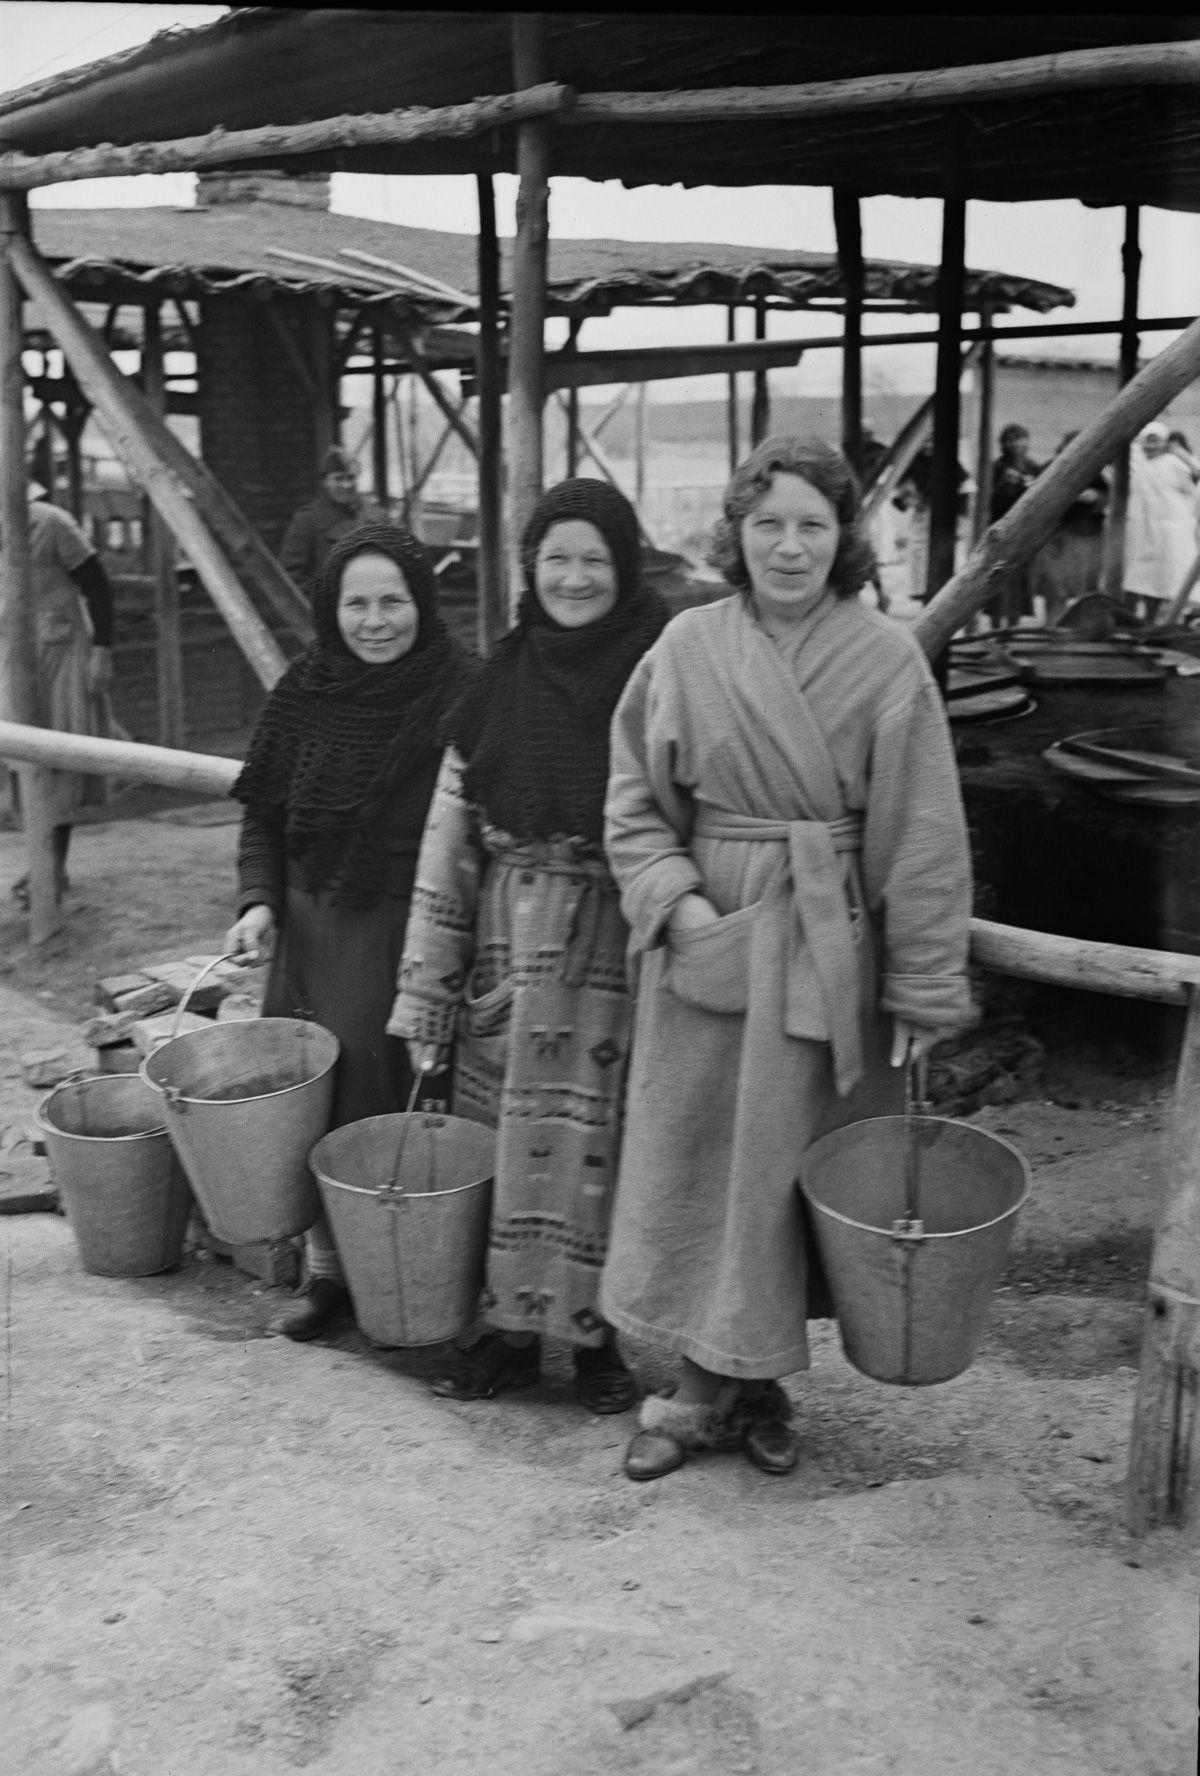 Na Segunda Guerra Mundial, refugiados poloneses encontraram seguran�a no Ir� 06